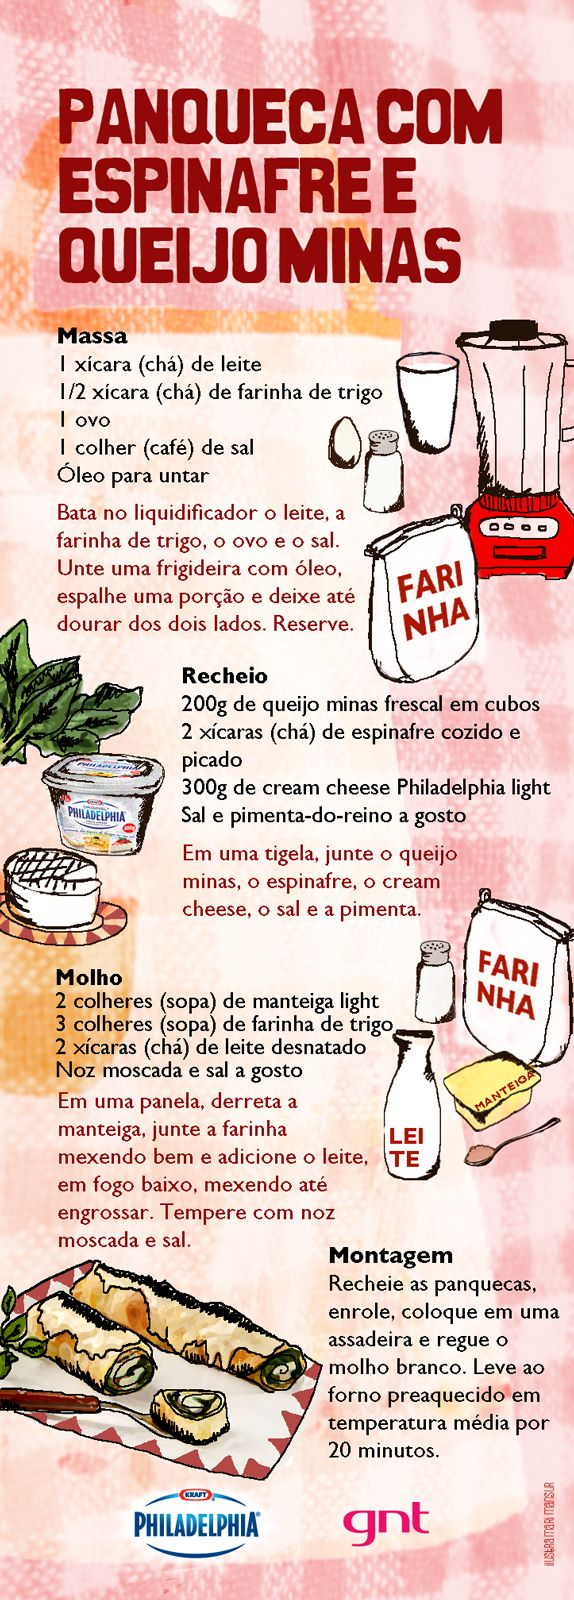 Panqueca de espinafre e queijo minas